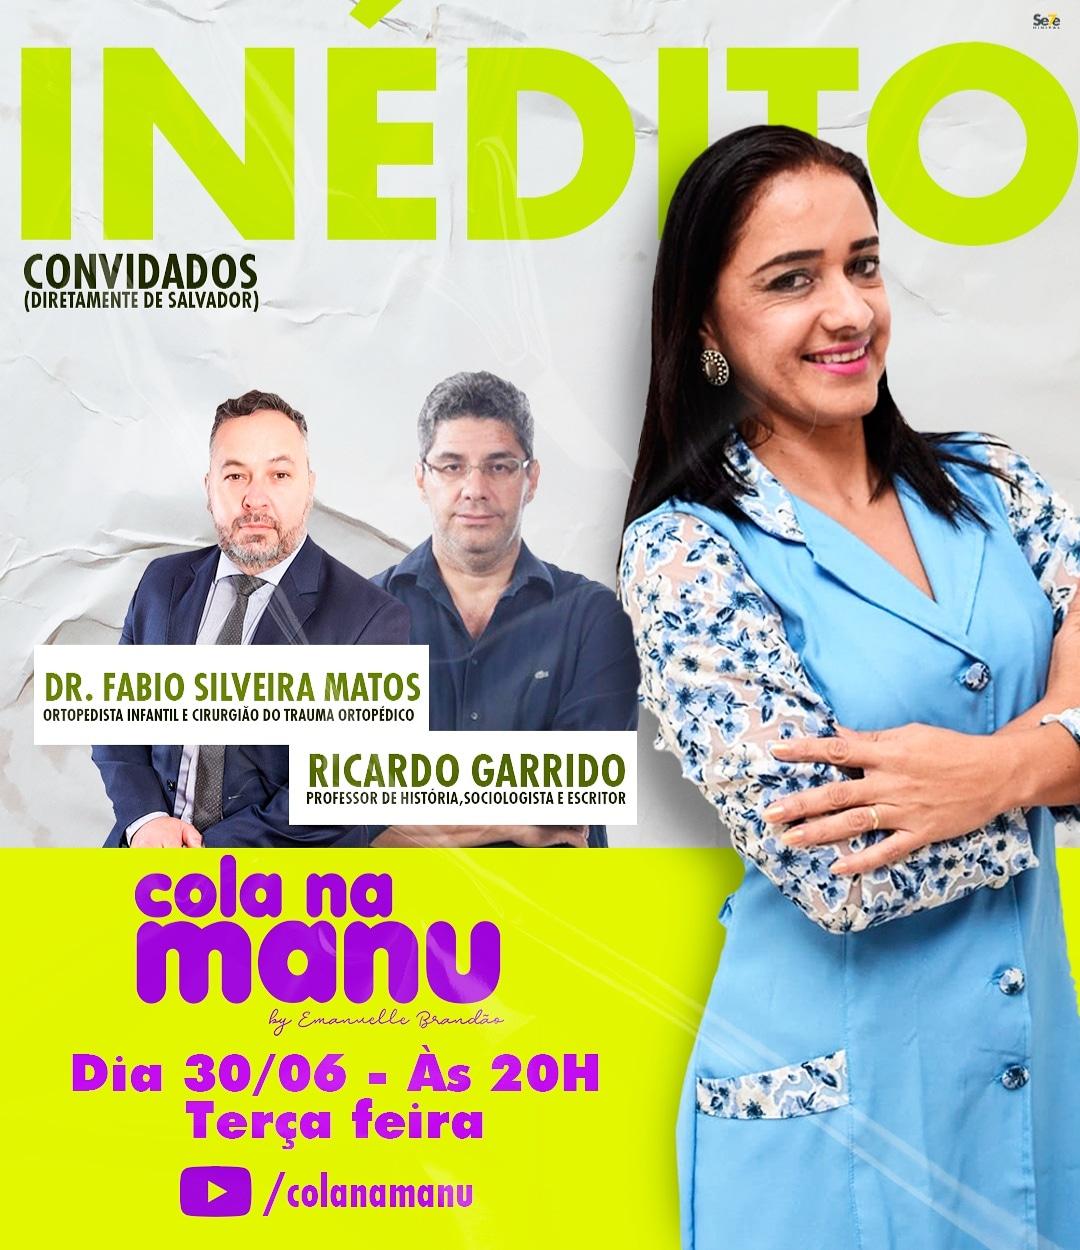 Itapetinga: Médico Fabio Silveira Matos e Professor Ricardo Garrido, estarão no Canal Cola na Manu!!.